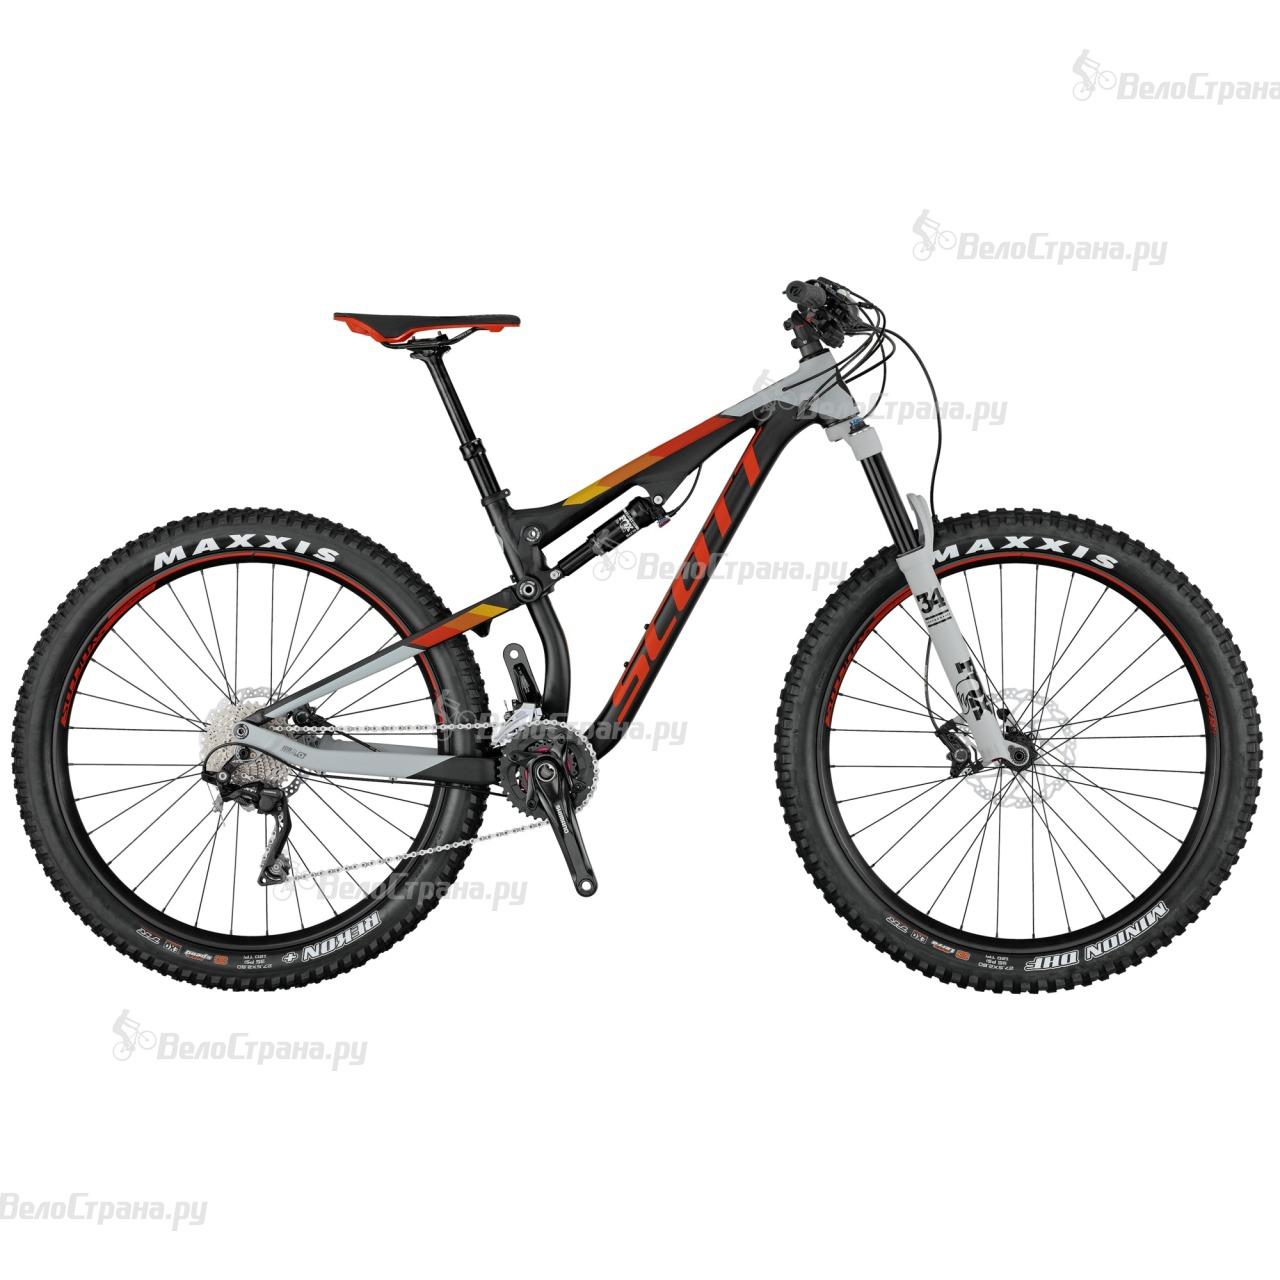 Велосипед Scott Genius 720 Plus (2017)